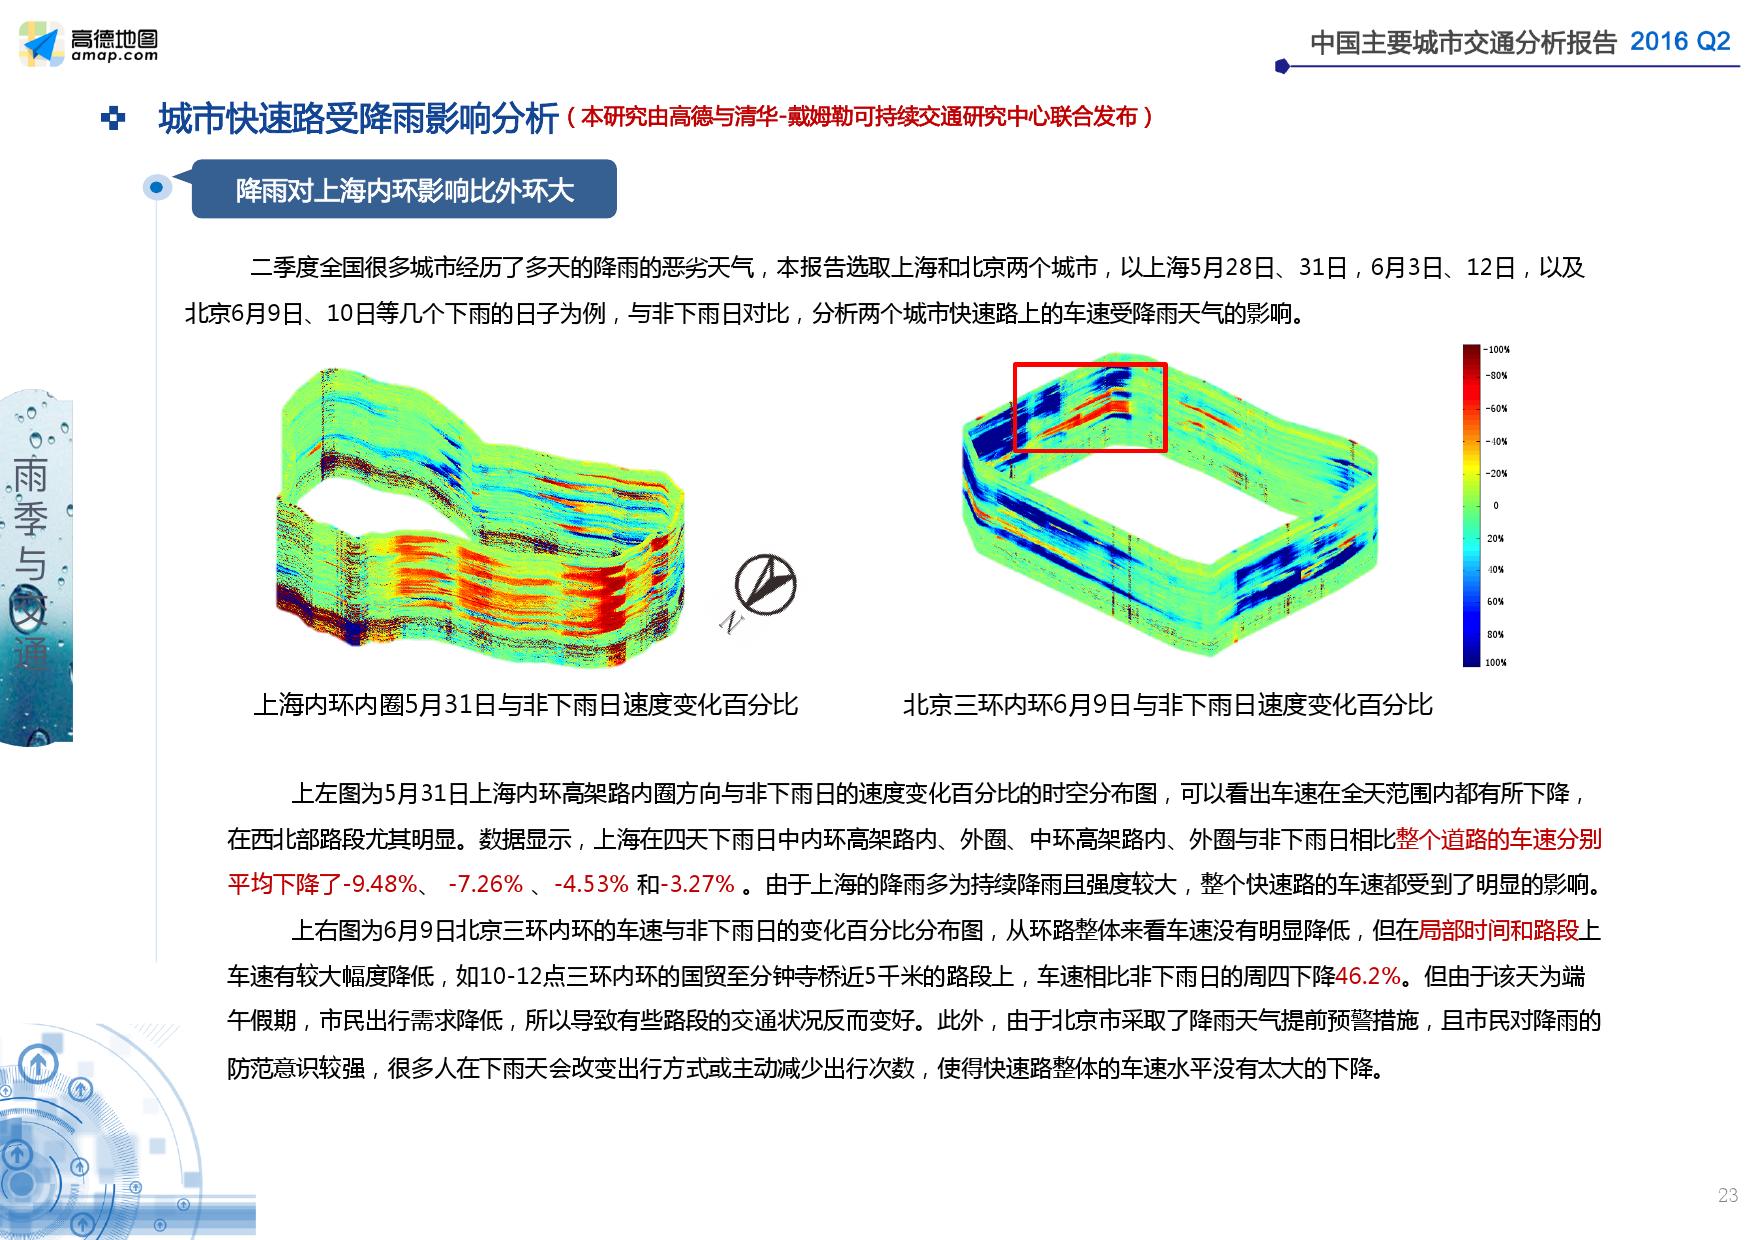 2016年Q2中国主要城市交通分析报告_000023